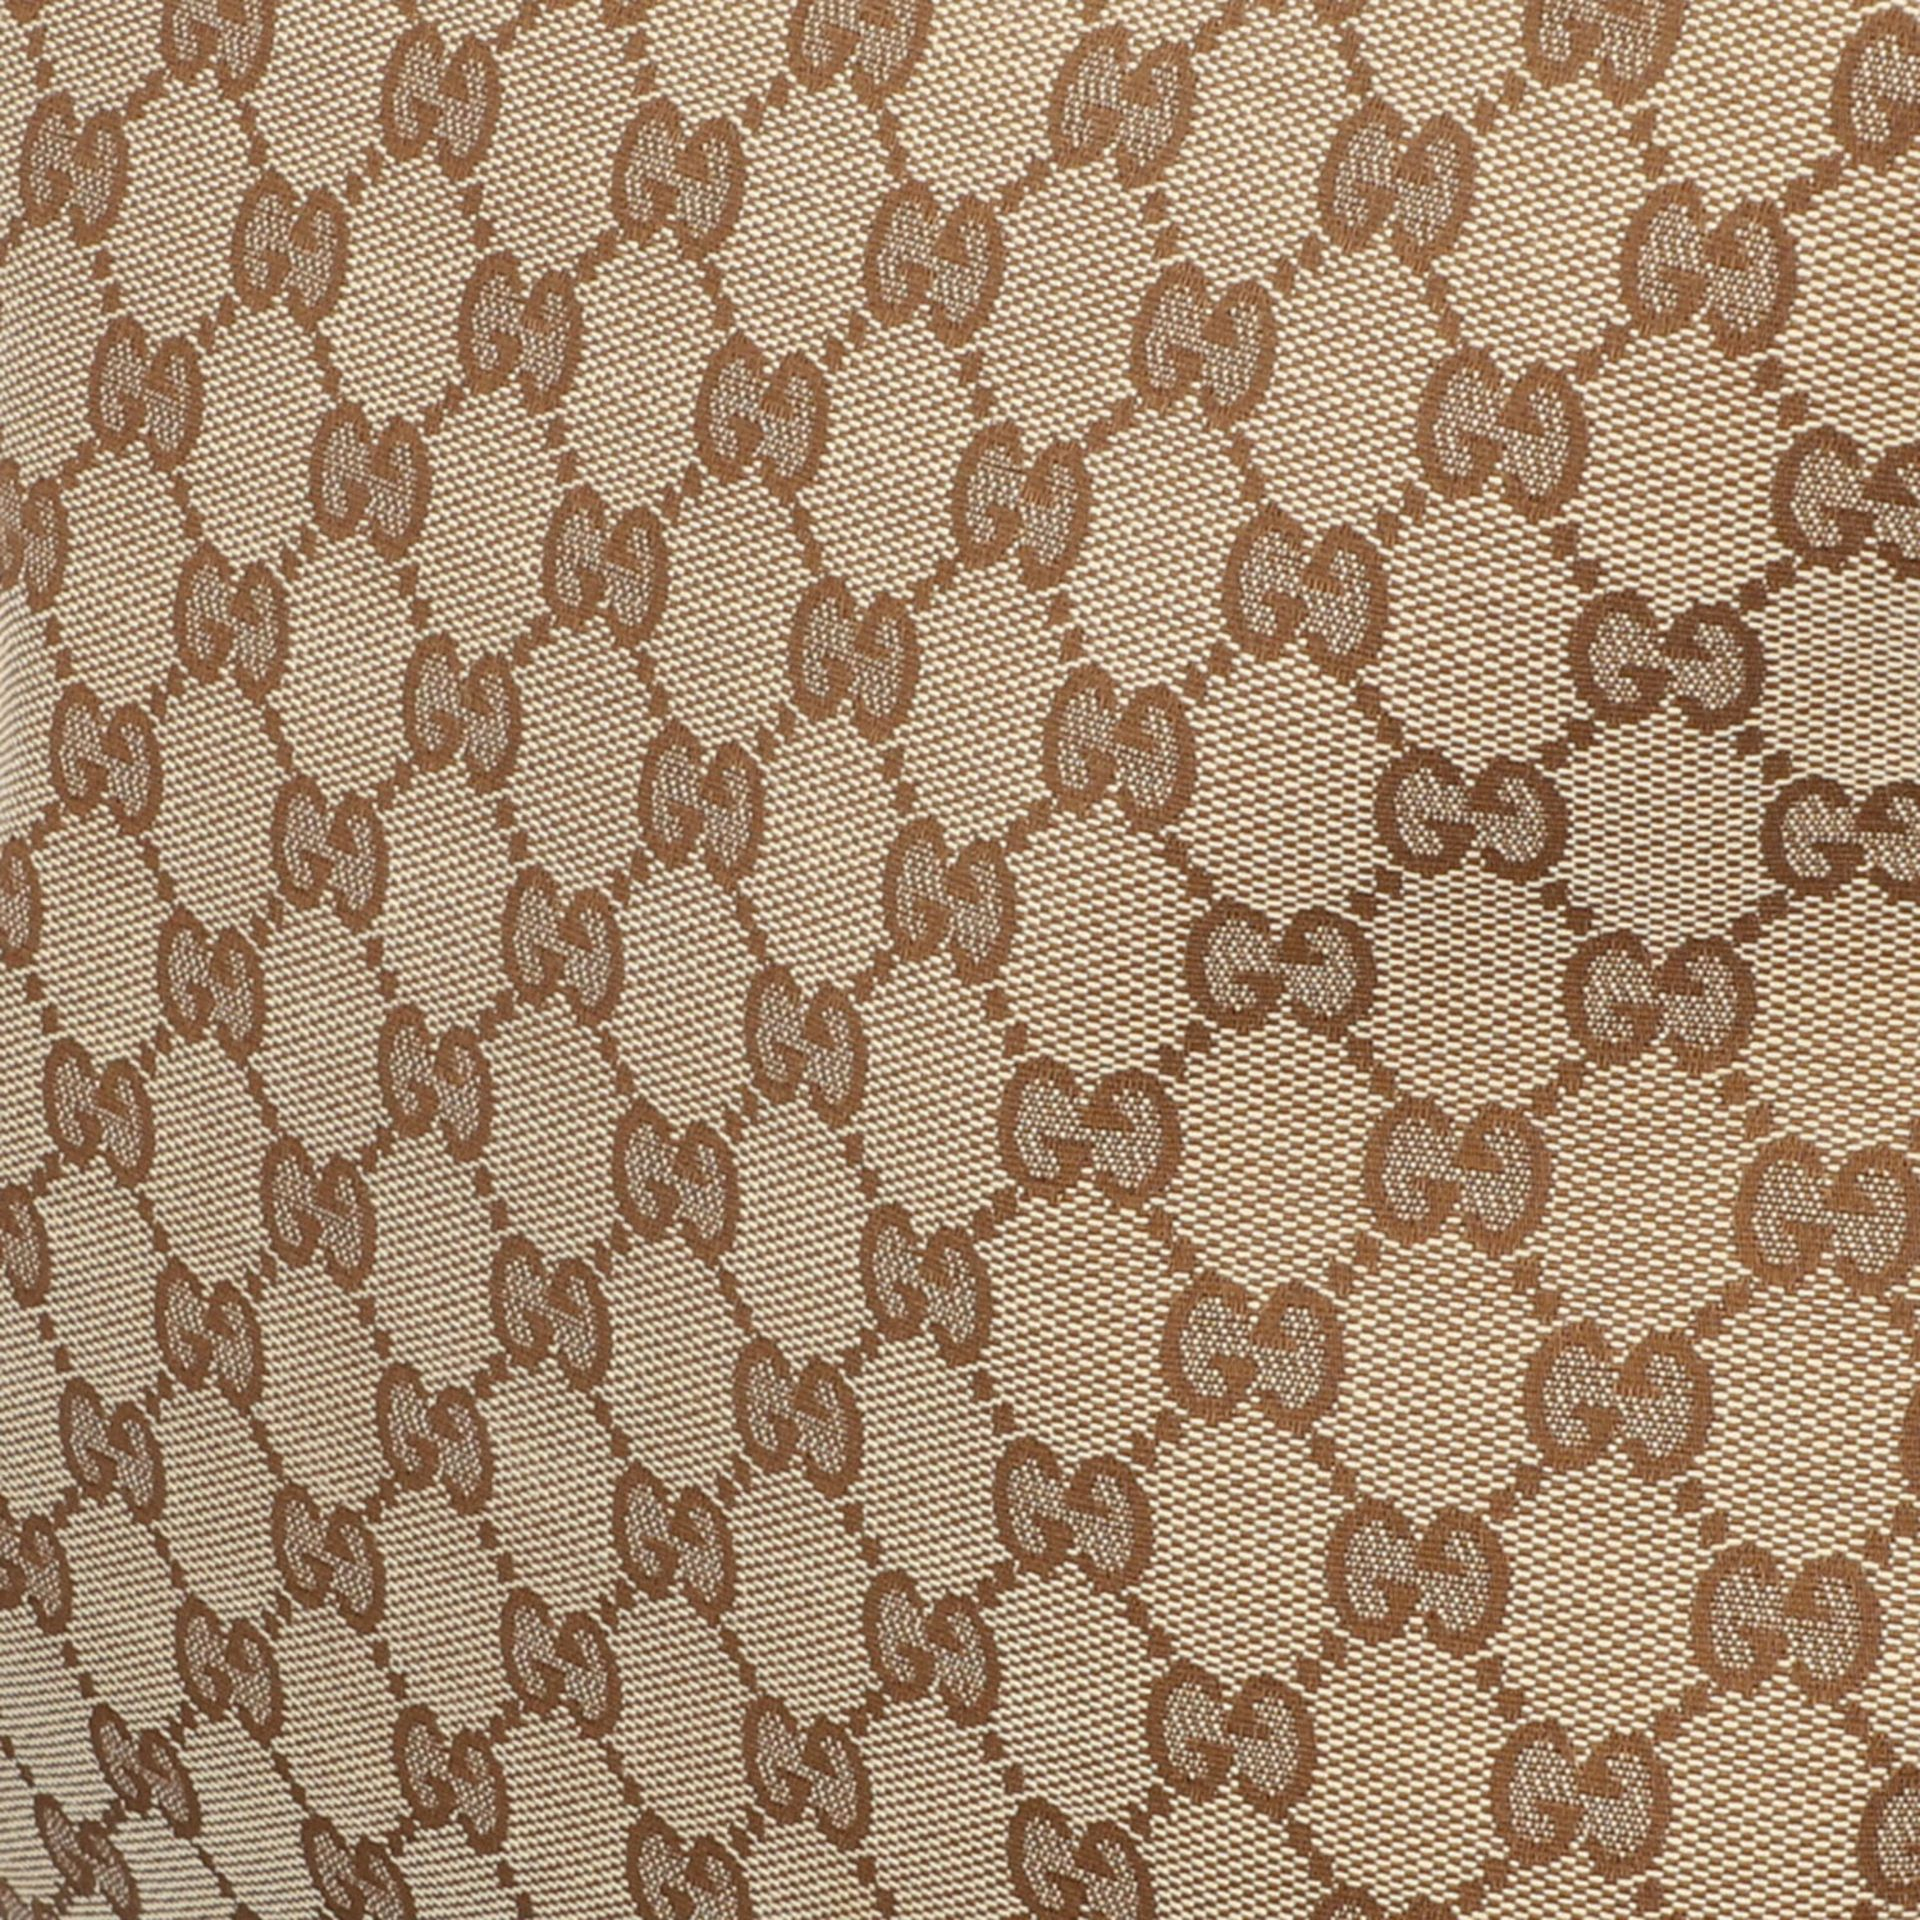 GUCCI Handtasche. Guccissima Design auf Textil in Beige und Braun, braunfarbene Leder- - Image 7 of 8